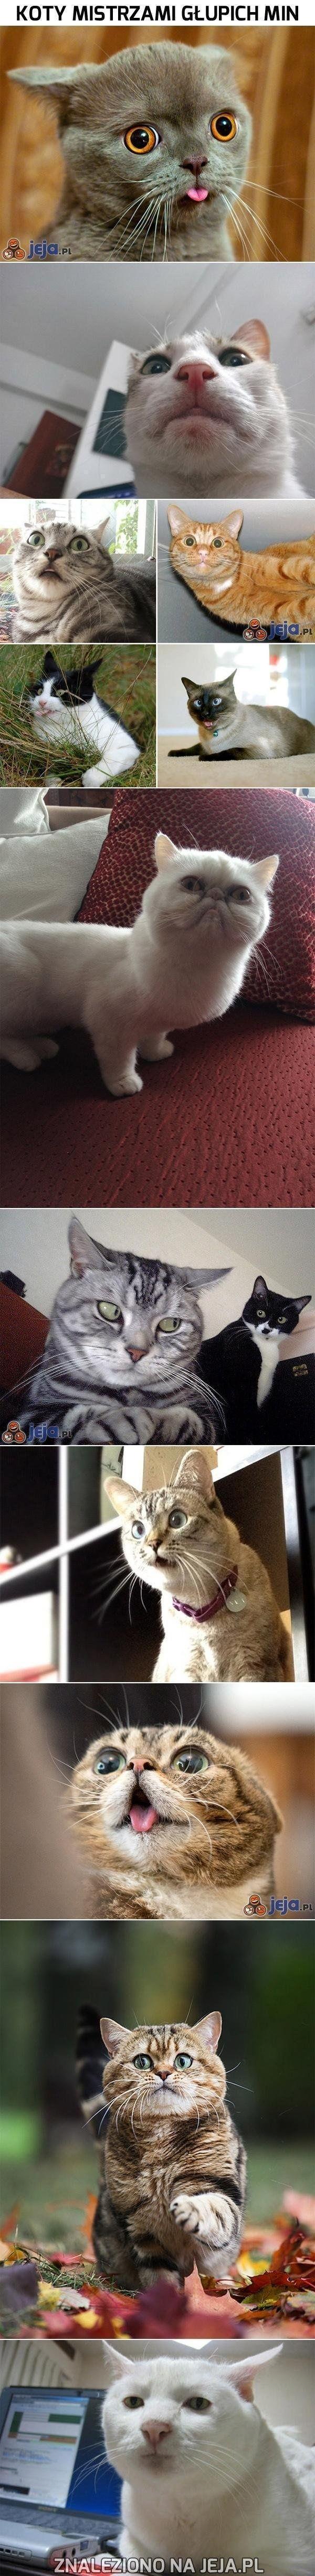 Haha :) #animals #cats #pets